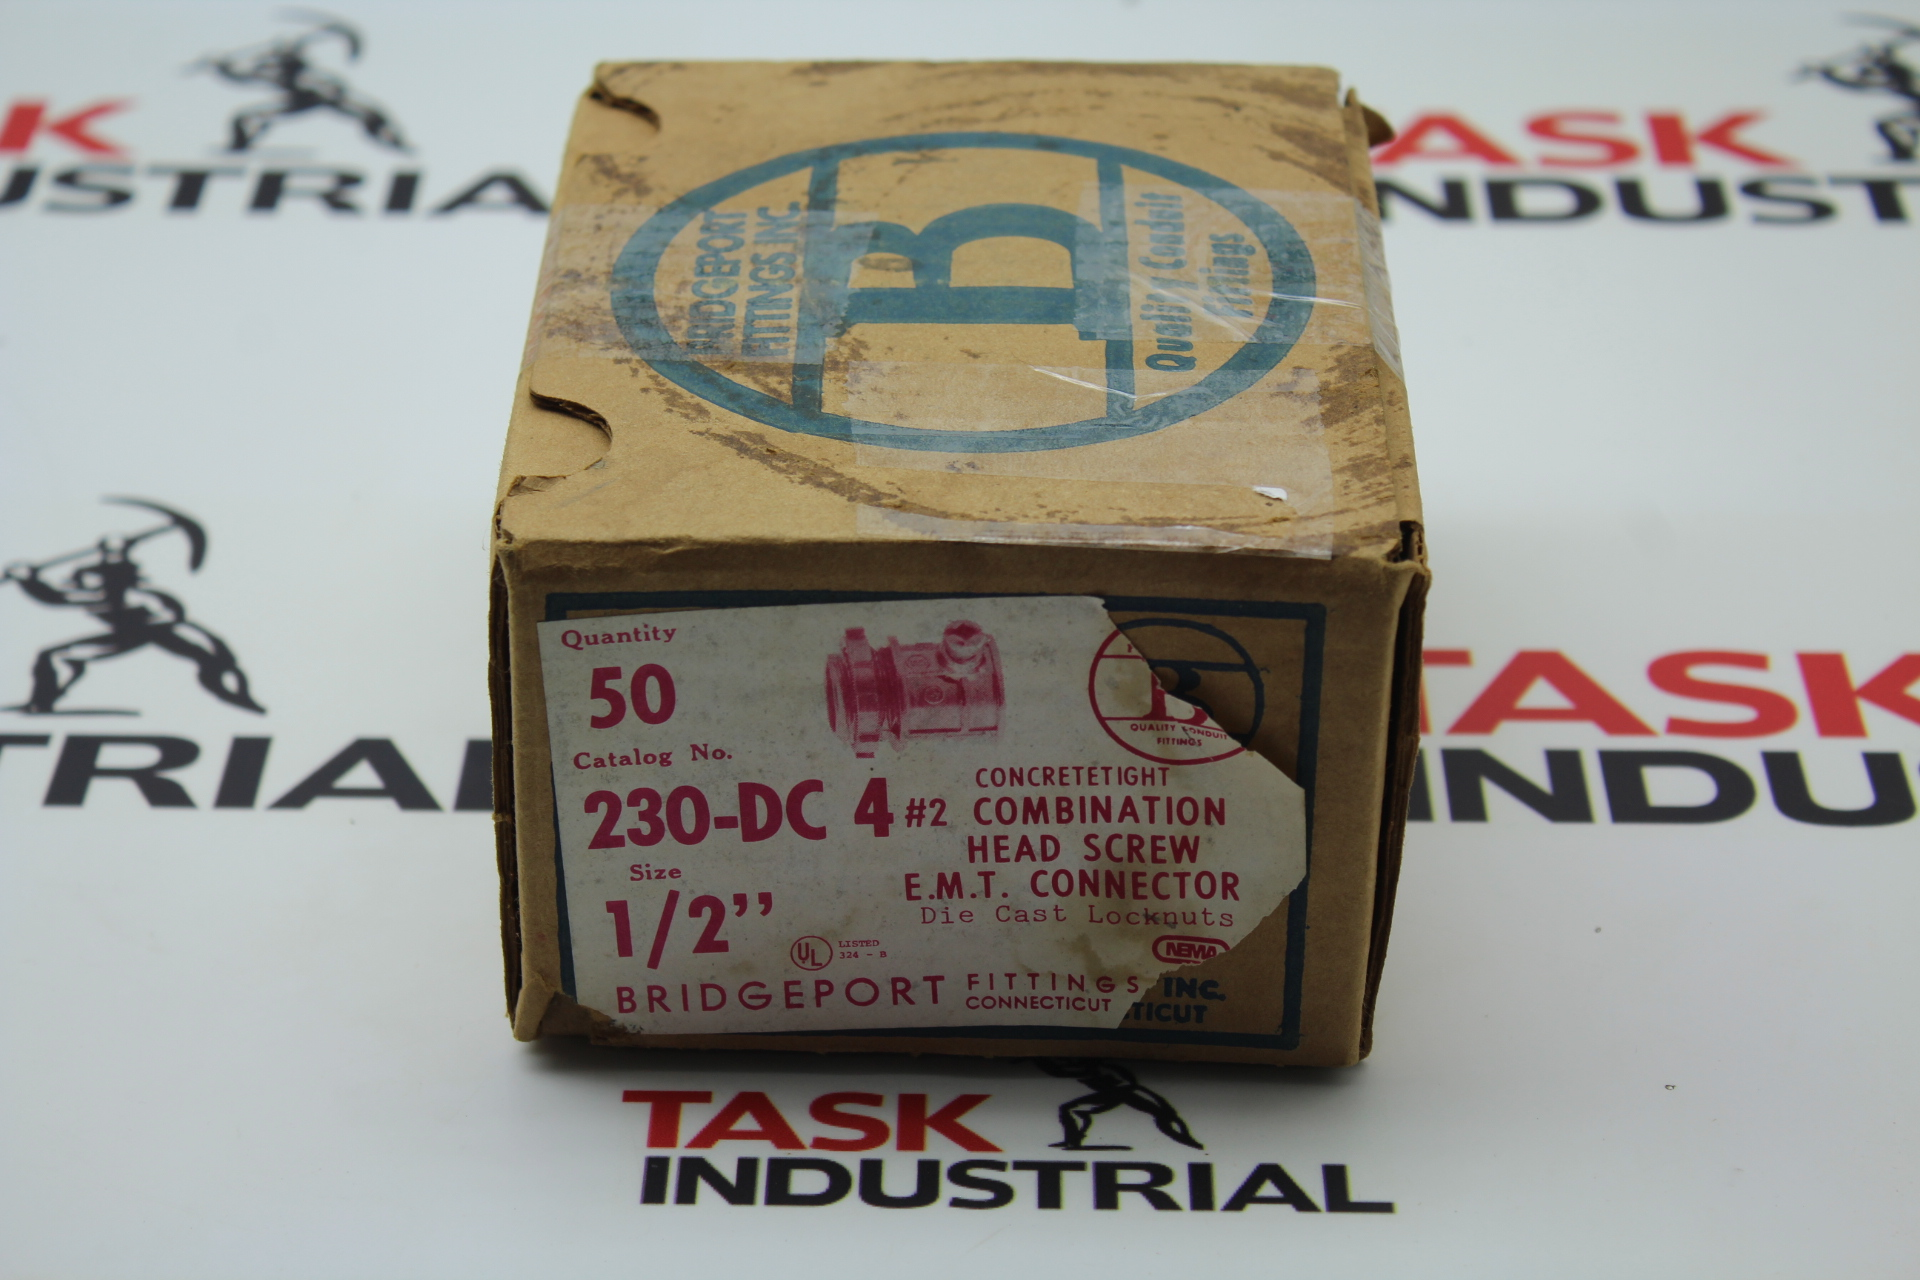 """Bridgeport Fittings Concrete Tight E.M.T. Connector Cat No 230-DC-4 1/2"""""""